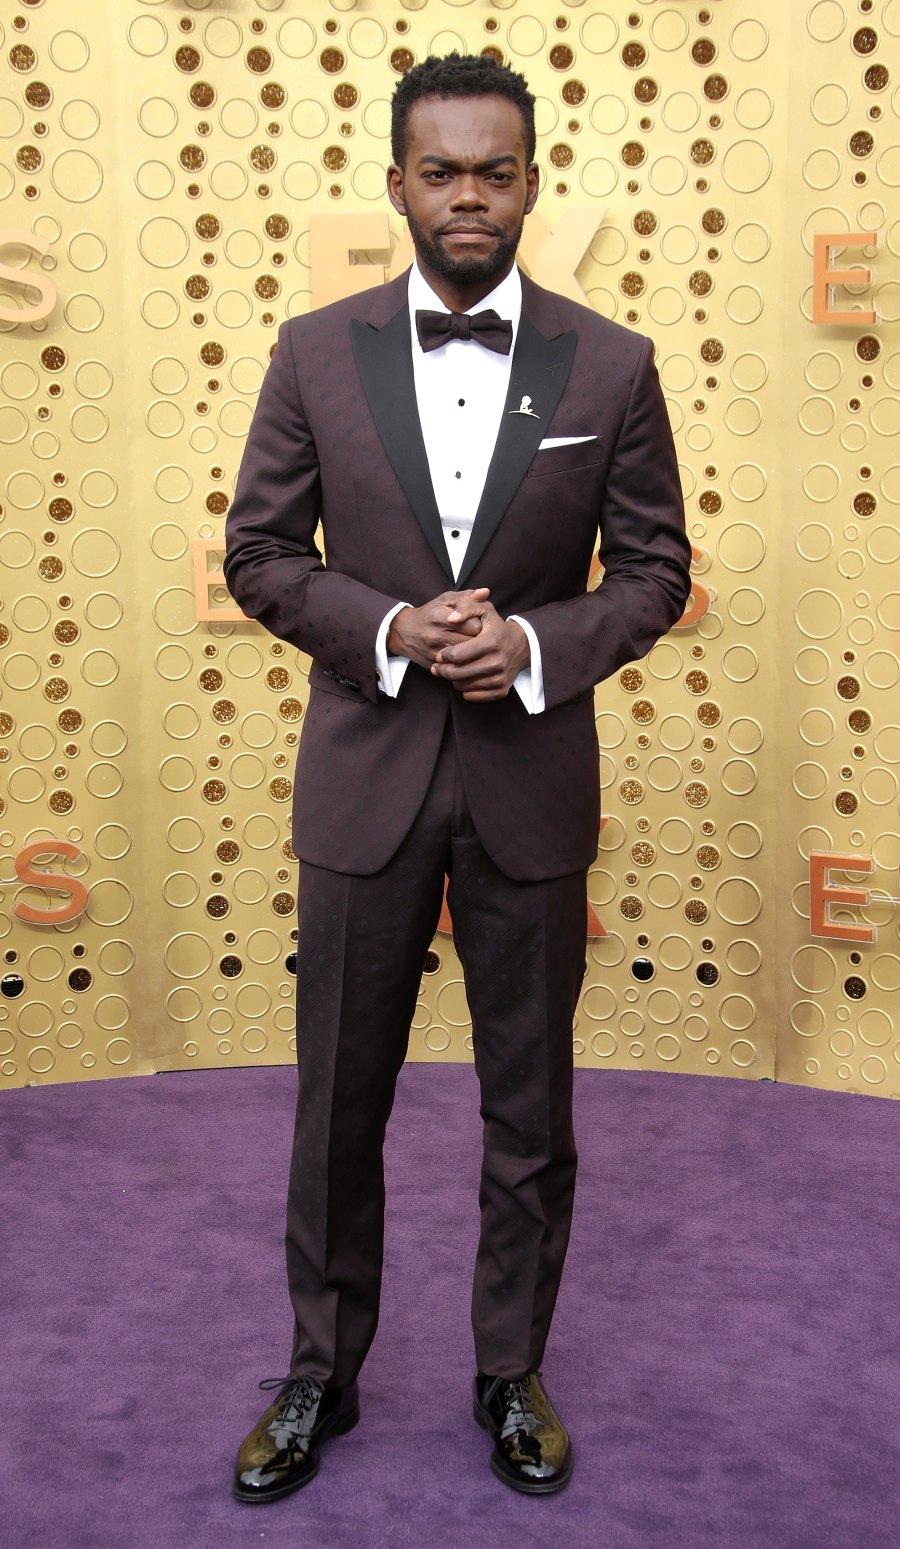 Emmys 2019 Hottest Hunks - William Jackson Harper